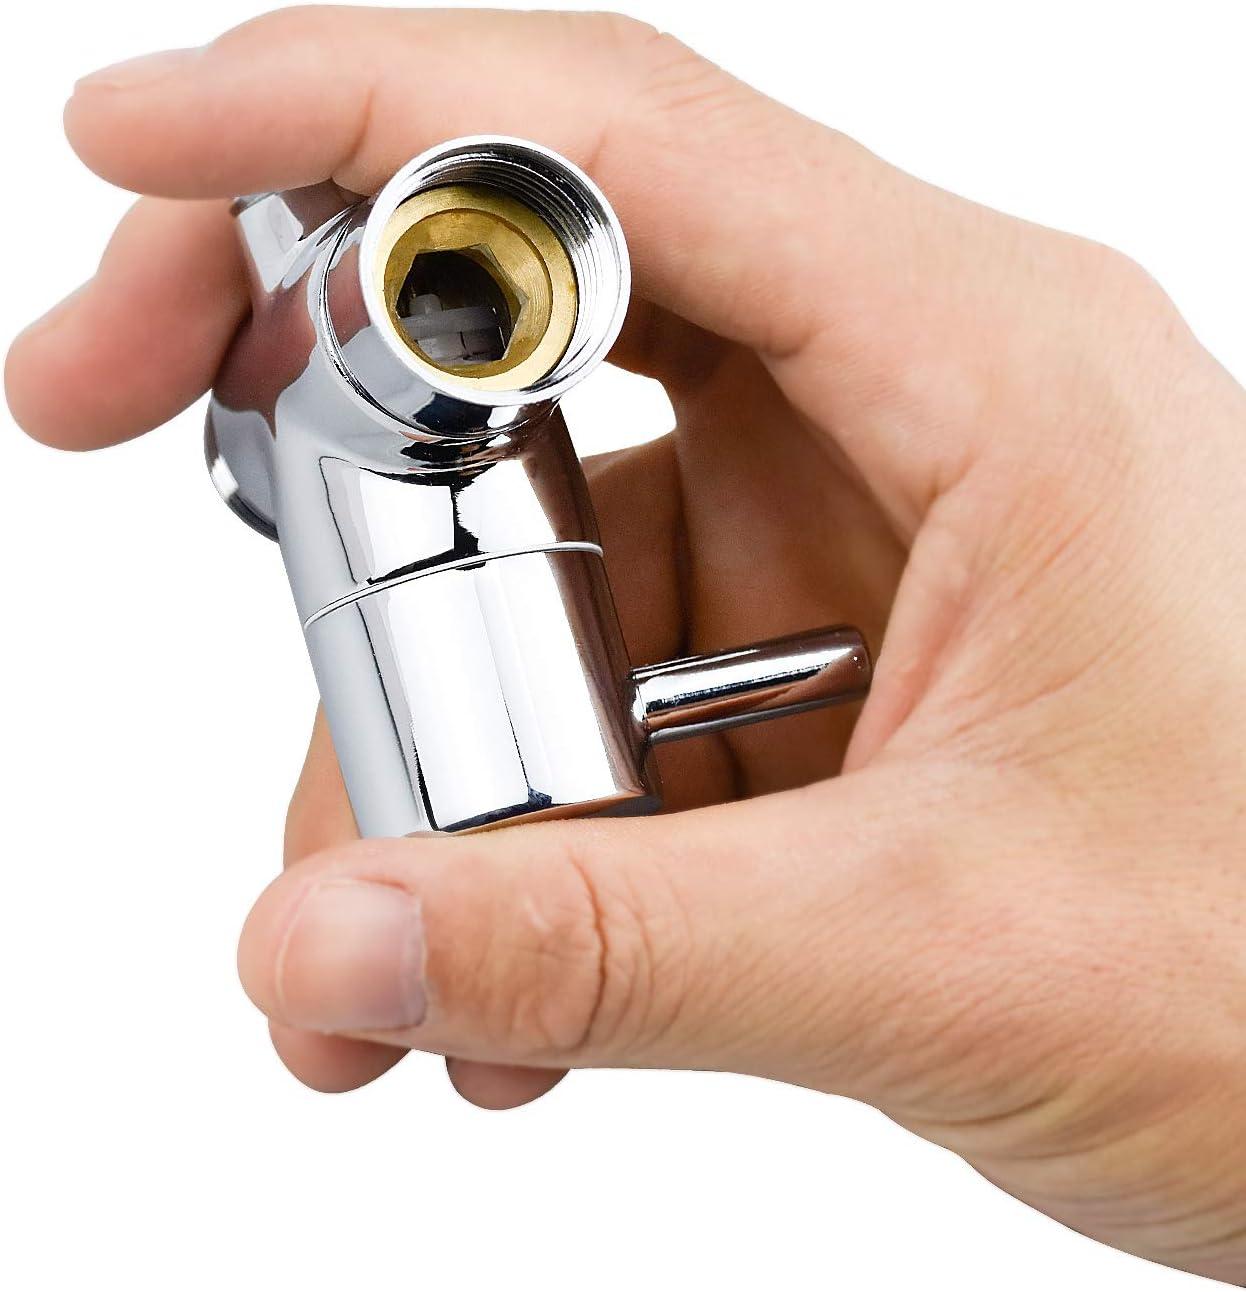 V/álvula de Adaptador en T para Recambio de Sistema de Ducha Lat/ón Cromado G1//2 WEKON Desviador de Ducha 3 V/ías 20mm Adaptador Interruptor de V/álvula de Ducha 2.7 * 2.5/´ V/álvula de Desv/ío de Ducha